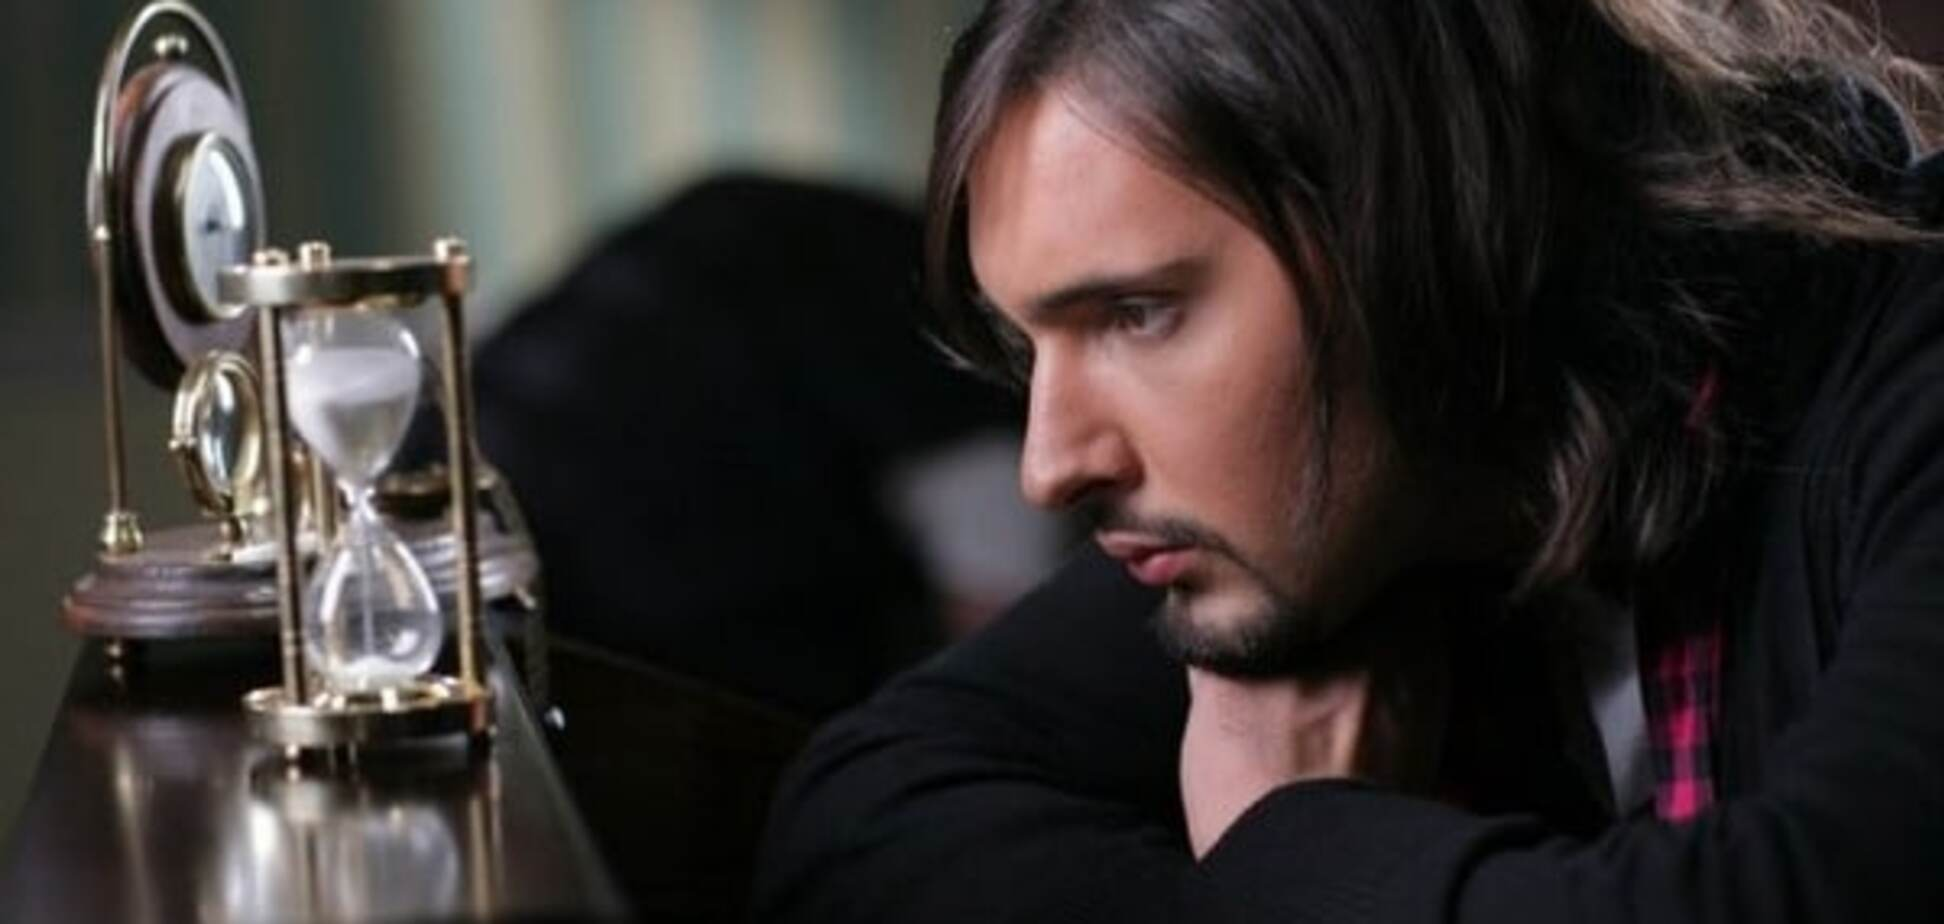 Виталий Козловский: нежный парень из 'Шанса' круто изменился за 13 лет